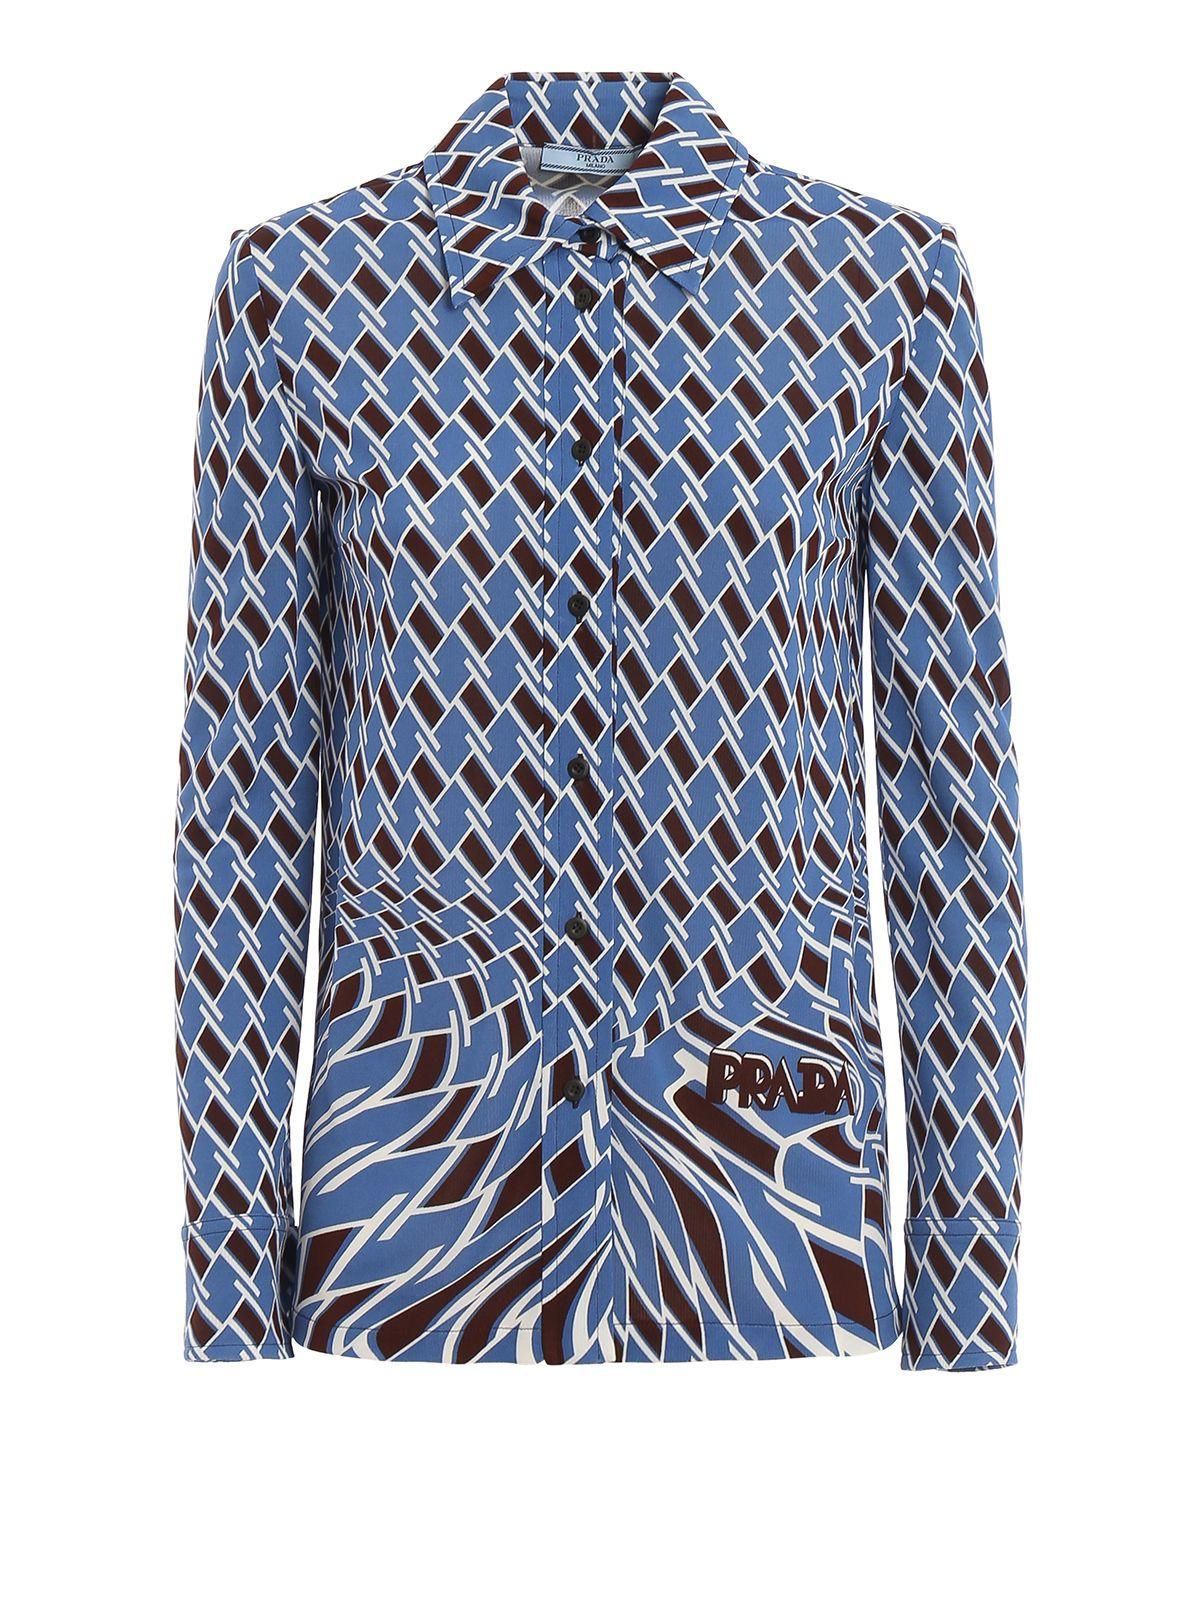 963ca950e Prada Prada Geometric Shirt - Pervinca - 10876772 | italist